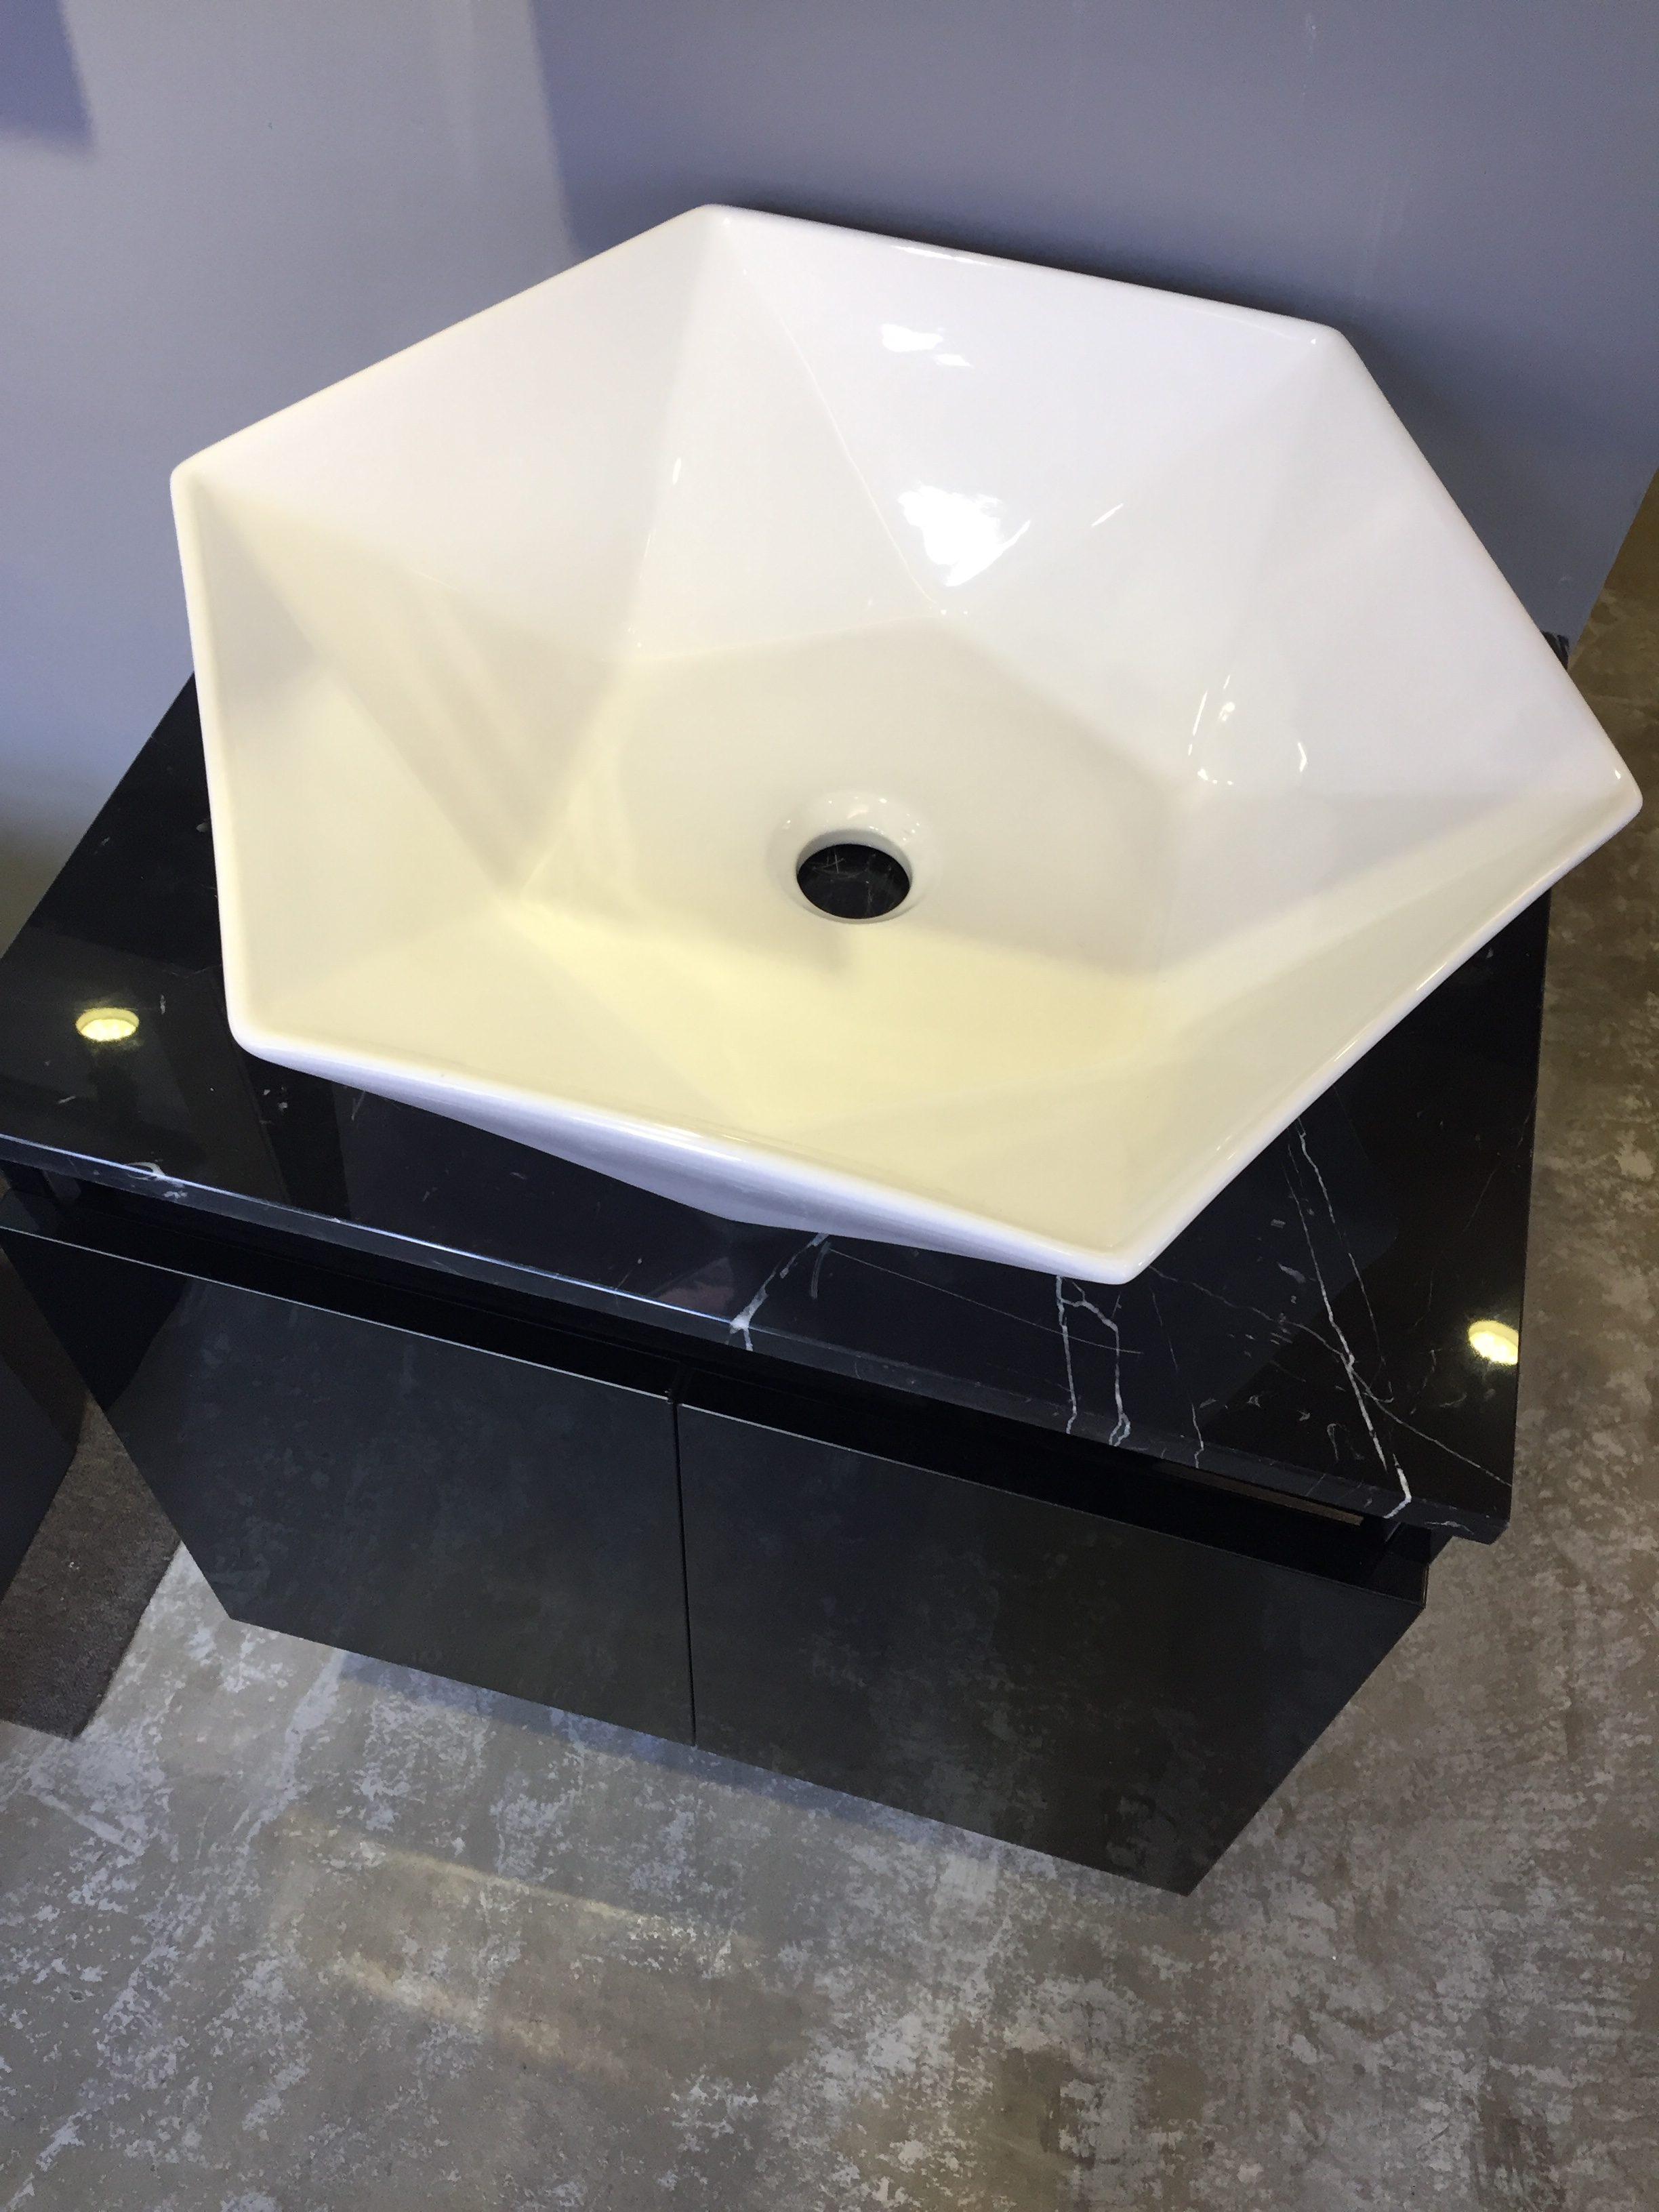 Bc Lkw K819 Ceramic Wash Basin Bacera